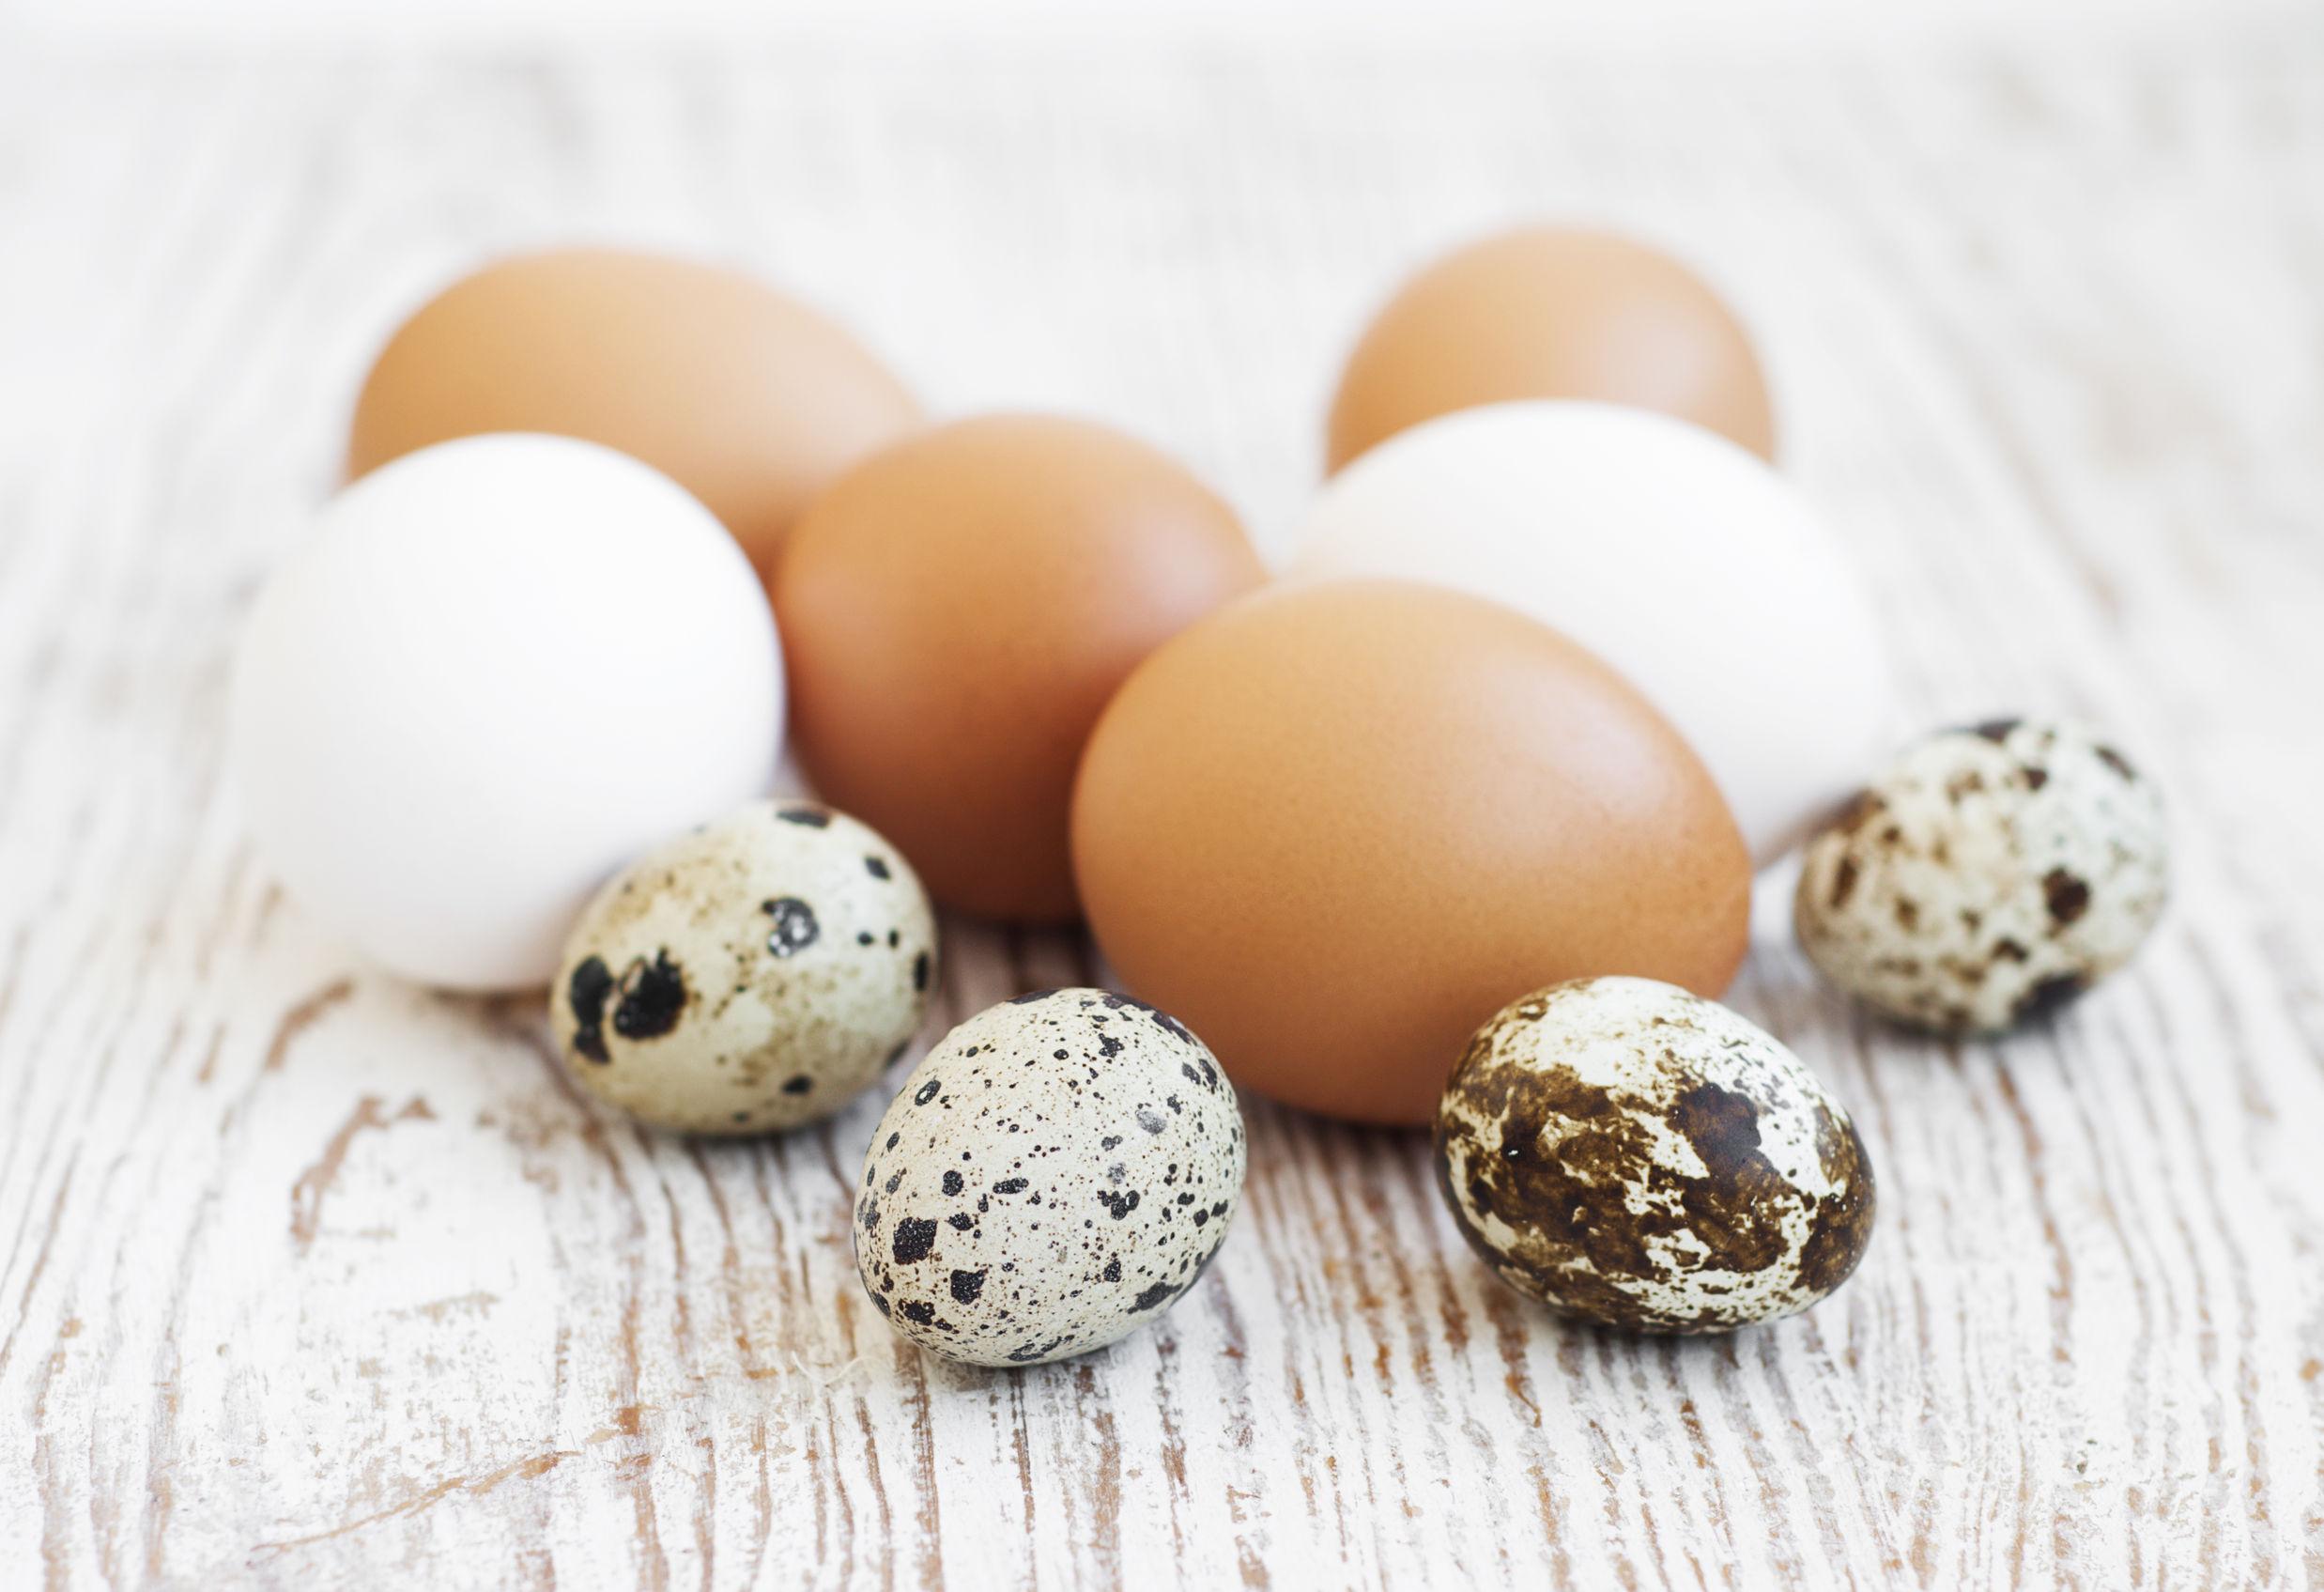 Scandalul ouălor schimbă legislaţia în UE